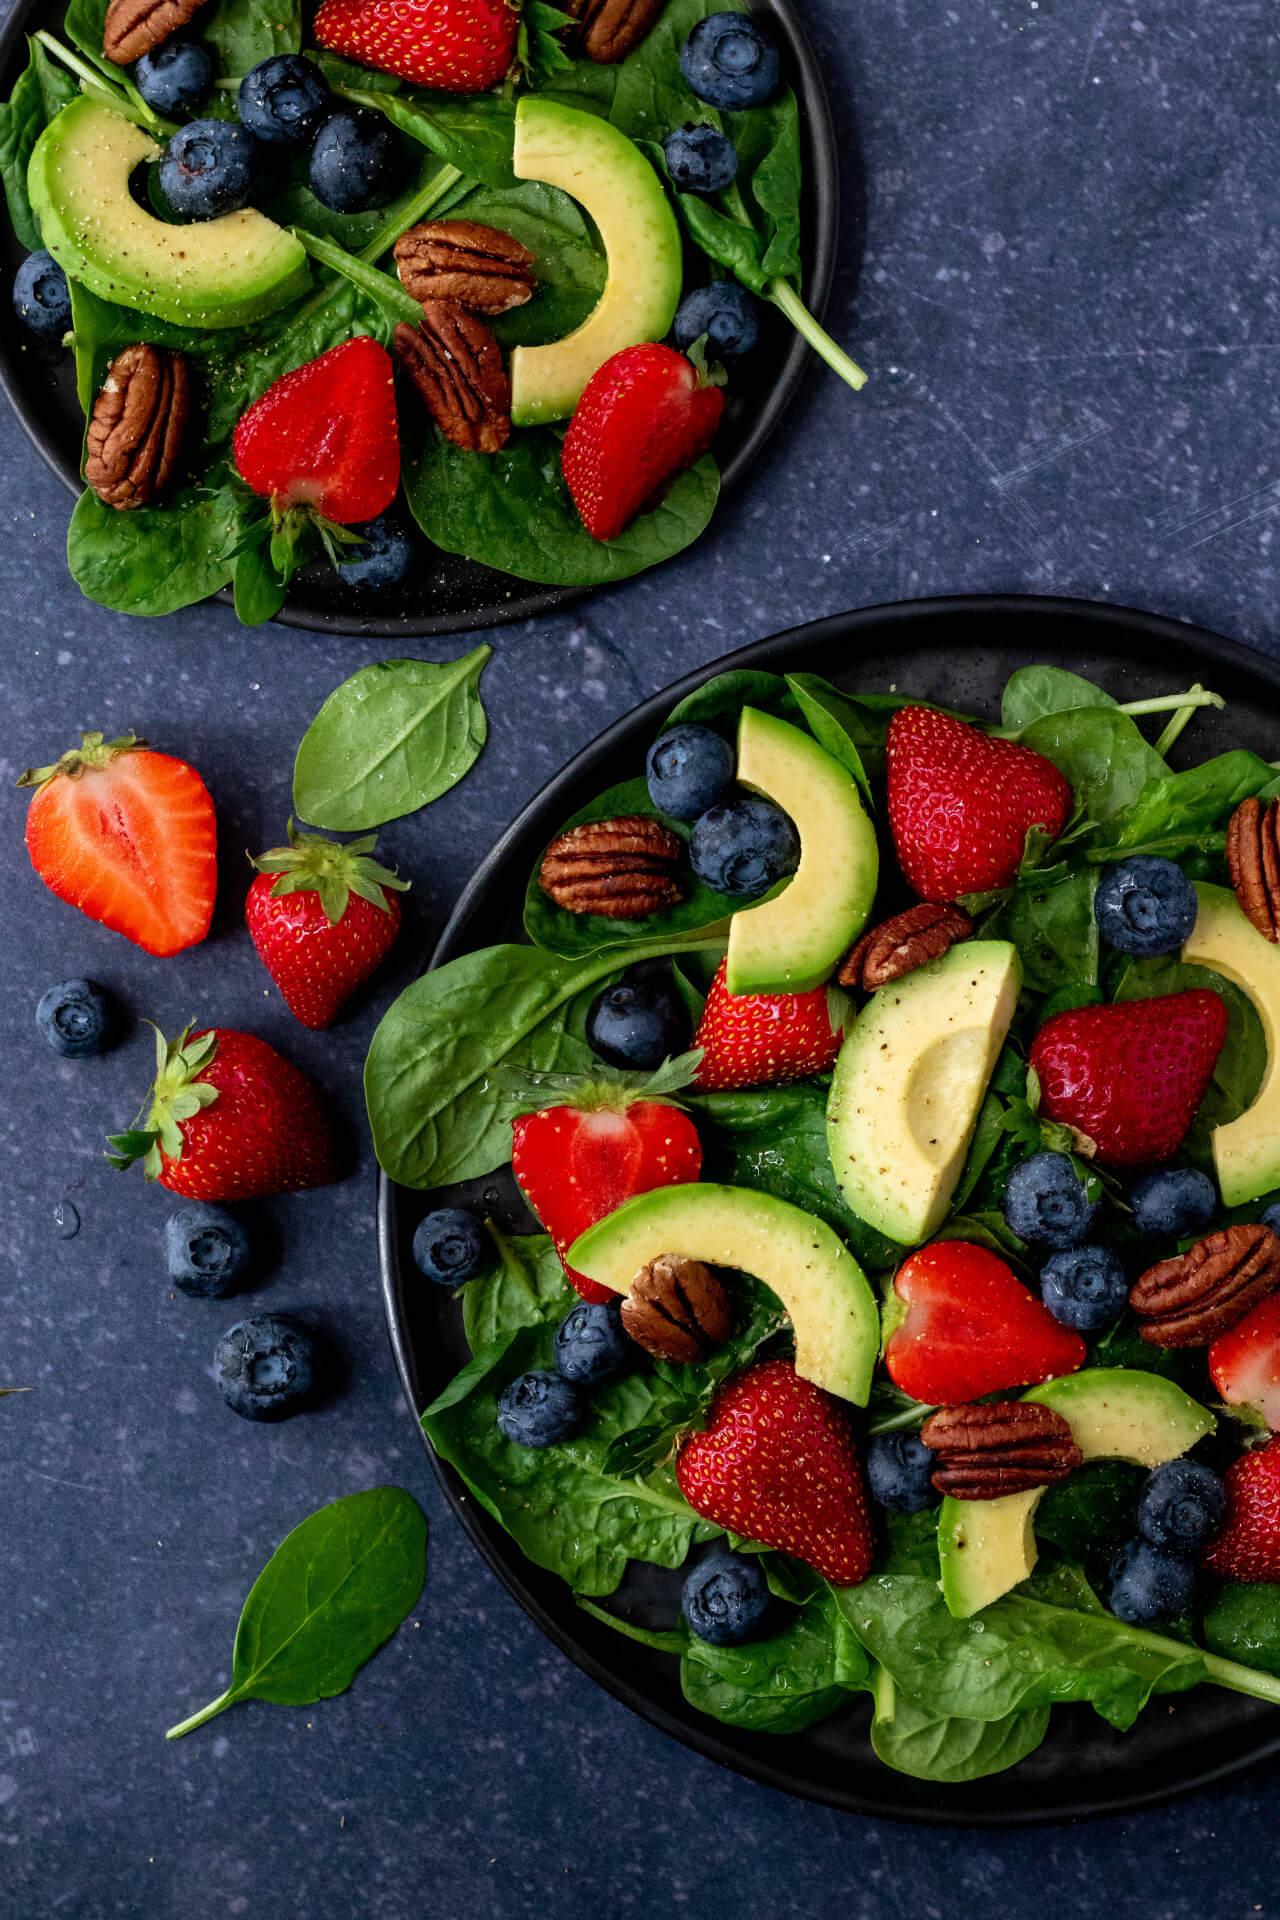 salade-met-aardbeien